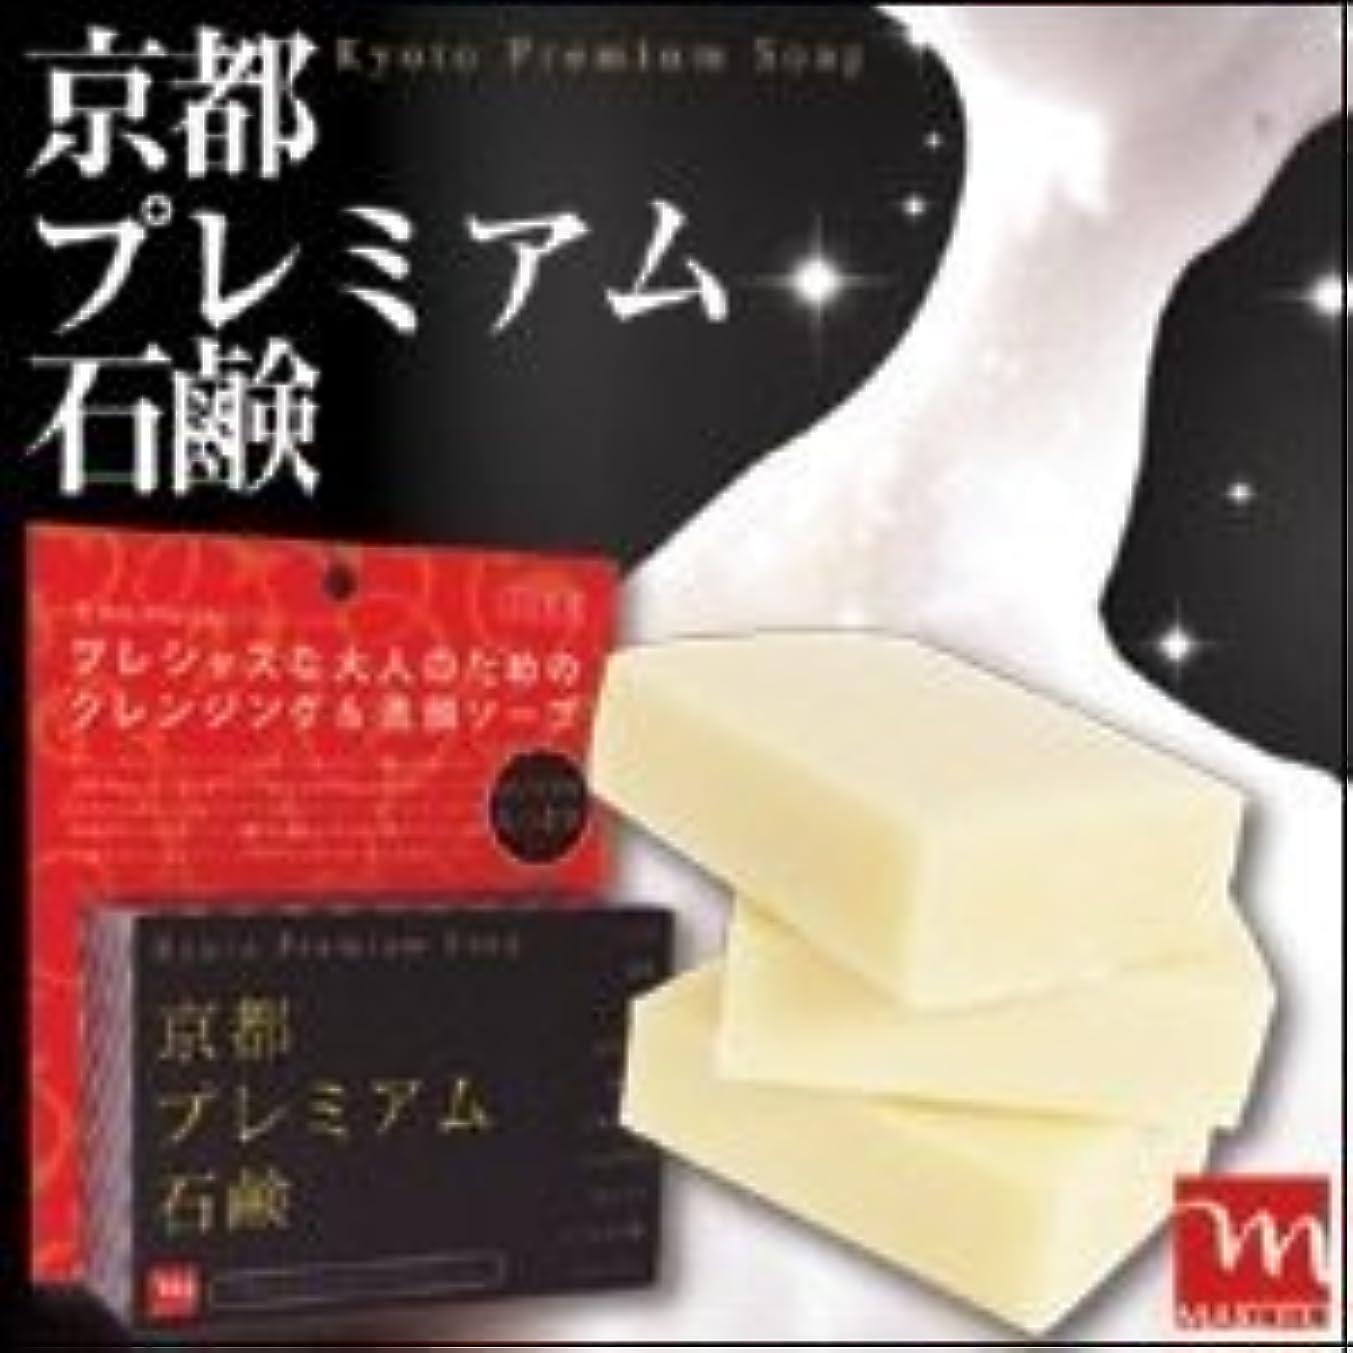 喜び難しい幻想京都プレミアム 京都プレミアム石鹸 120g 3個セット